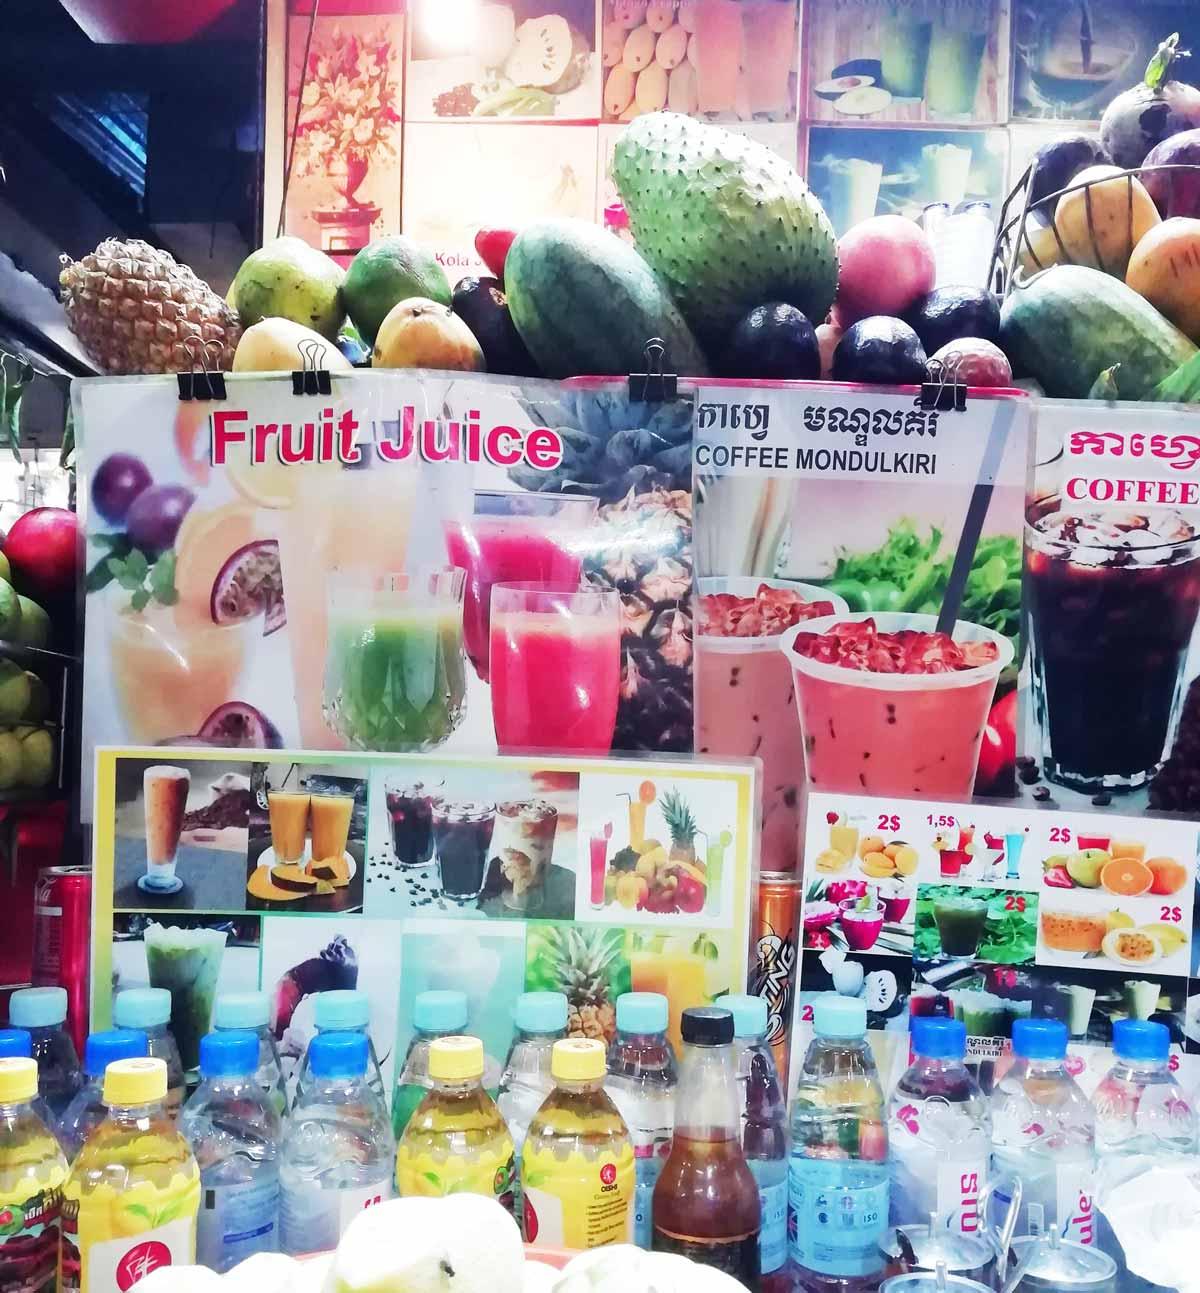 フルーツジュースなどを売ってる店